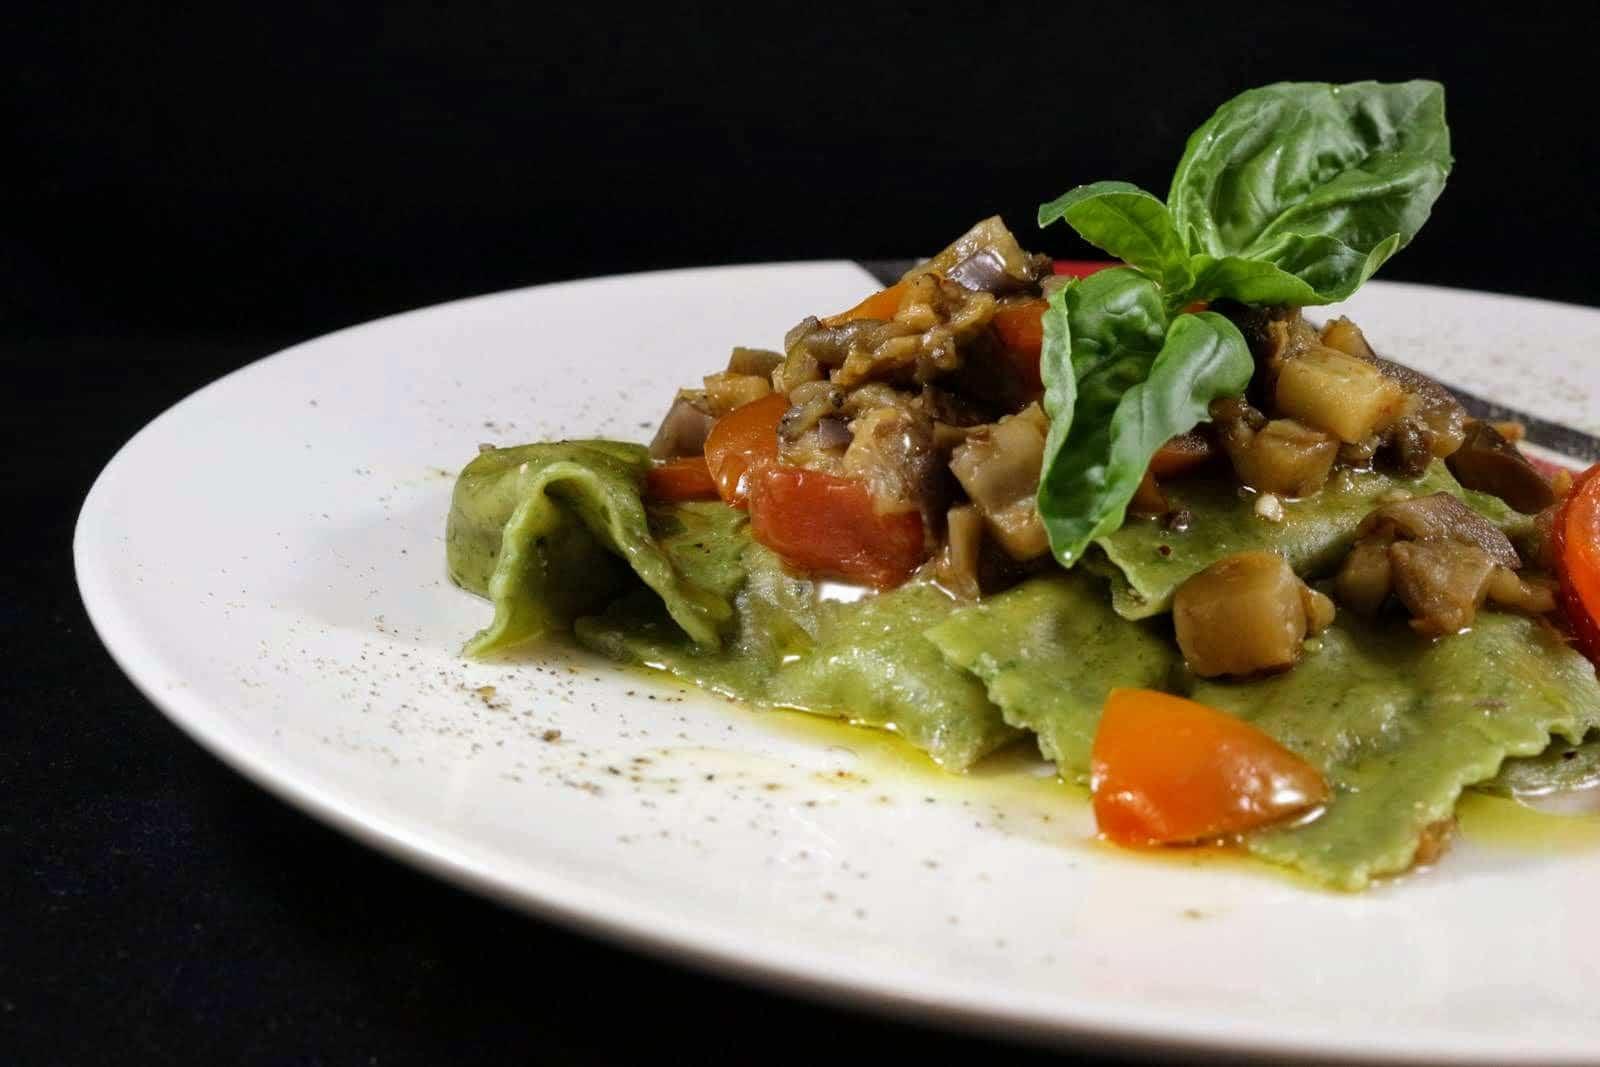 scuola di cucina a torino corso di cucina a torino la palestra del cibo corso di pasta fresca ripiena home made pasta